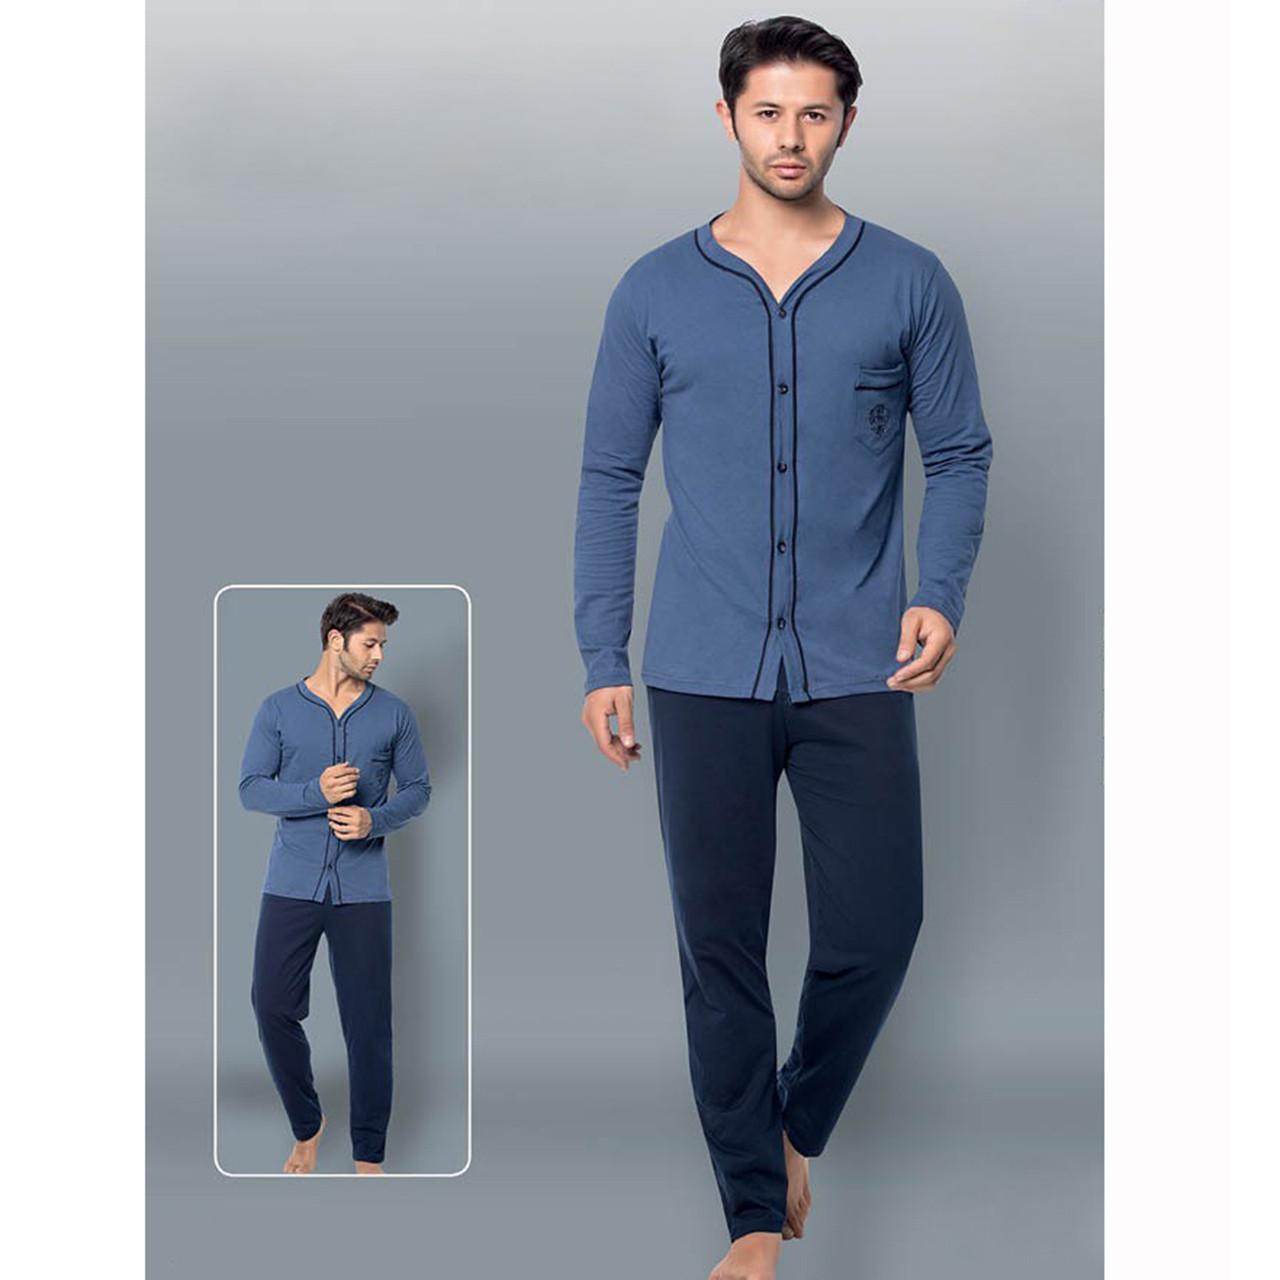 Пижама мужская для дома хлопковая со штанами однотонная синяя Seyko M-2XL, пижамный домашний костюм с карманом